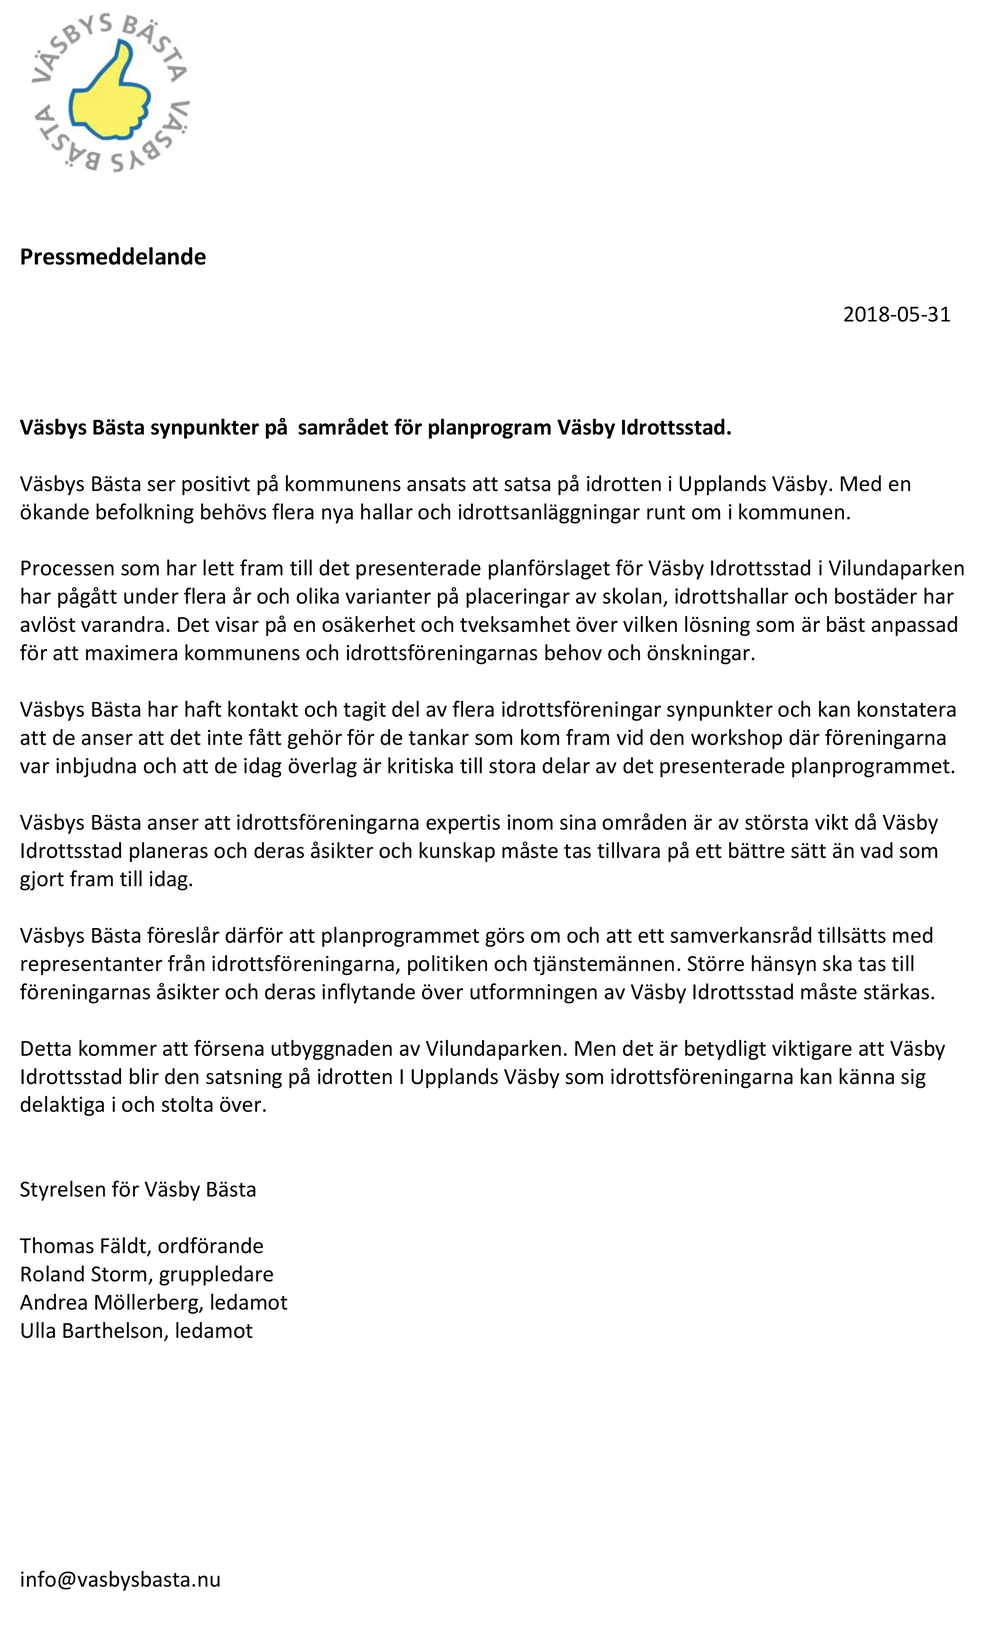 2018-05-31 Pressmeddelande Väsby idrottsstad samrådssvar fran Vasbys Basta kopiera.png